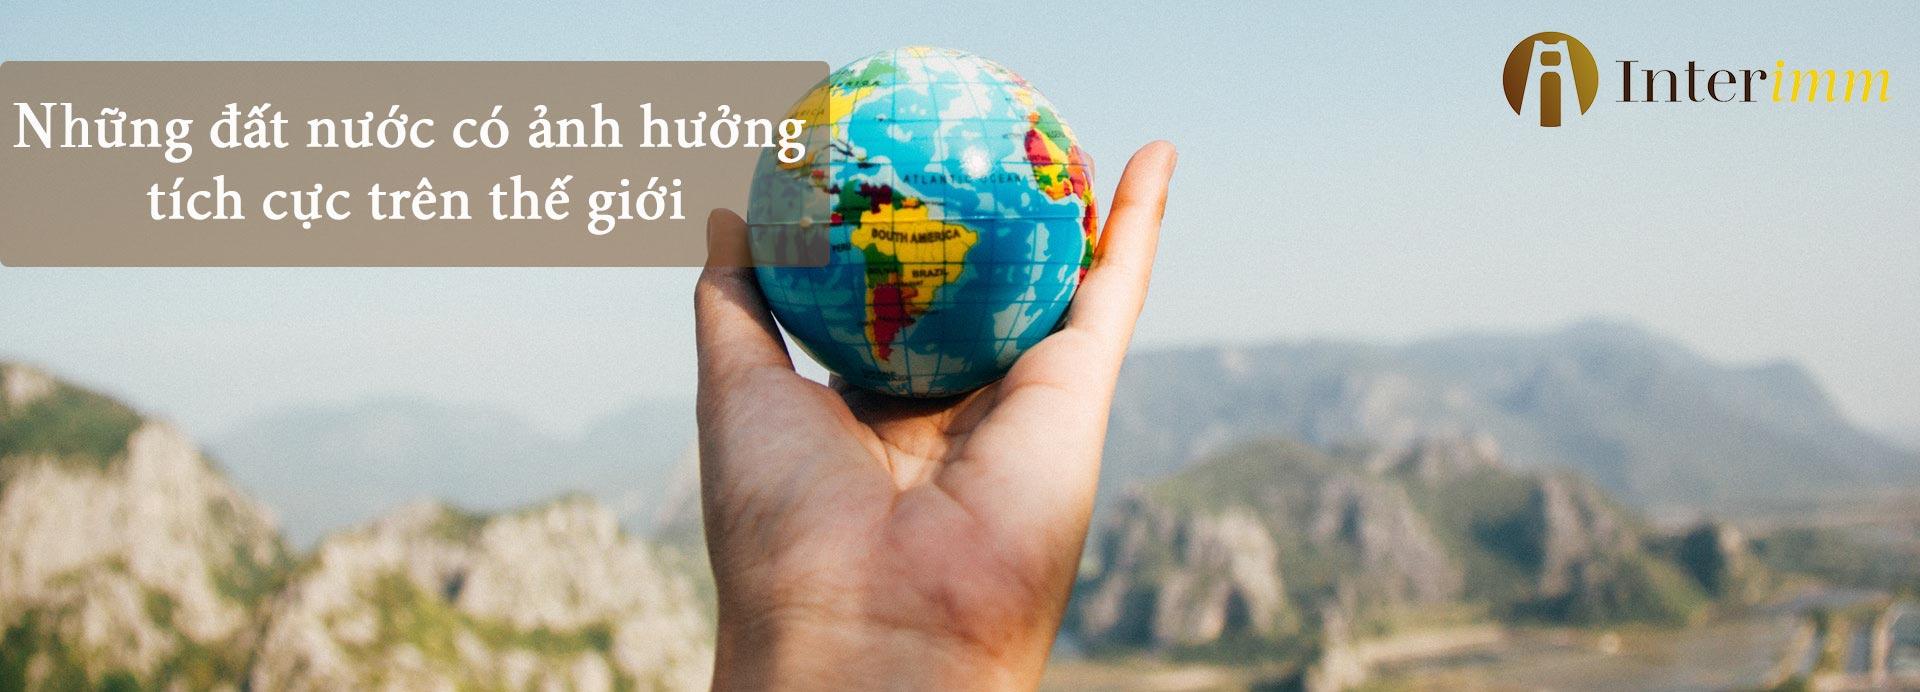 Những đất nước có ảnh hưởng tích cực trên thế giới